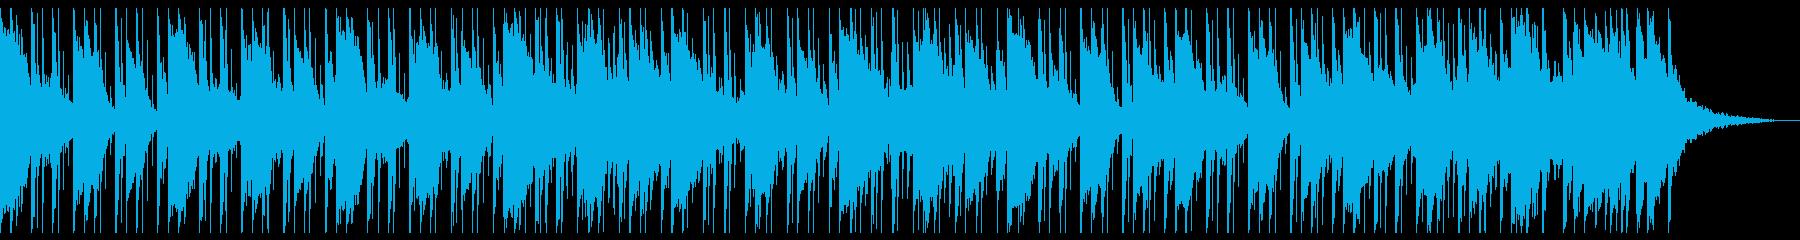 浮かぶマンドリンとシンセサイザーが...の再生済みの波形